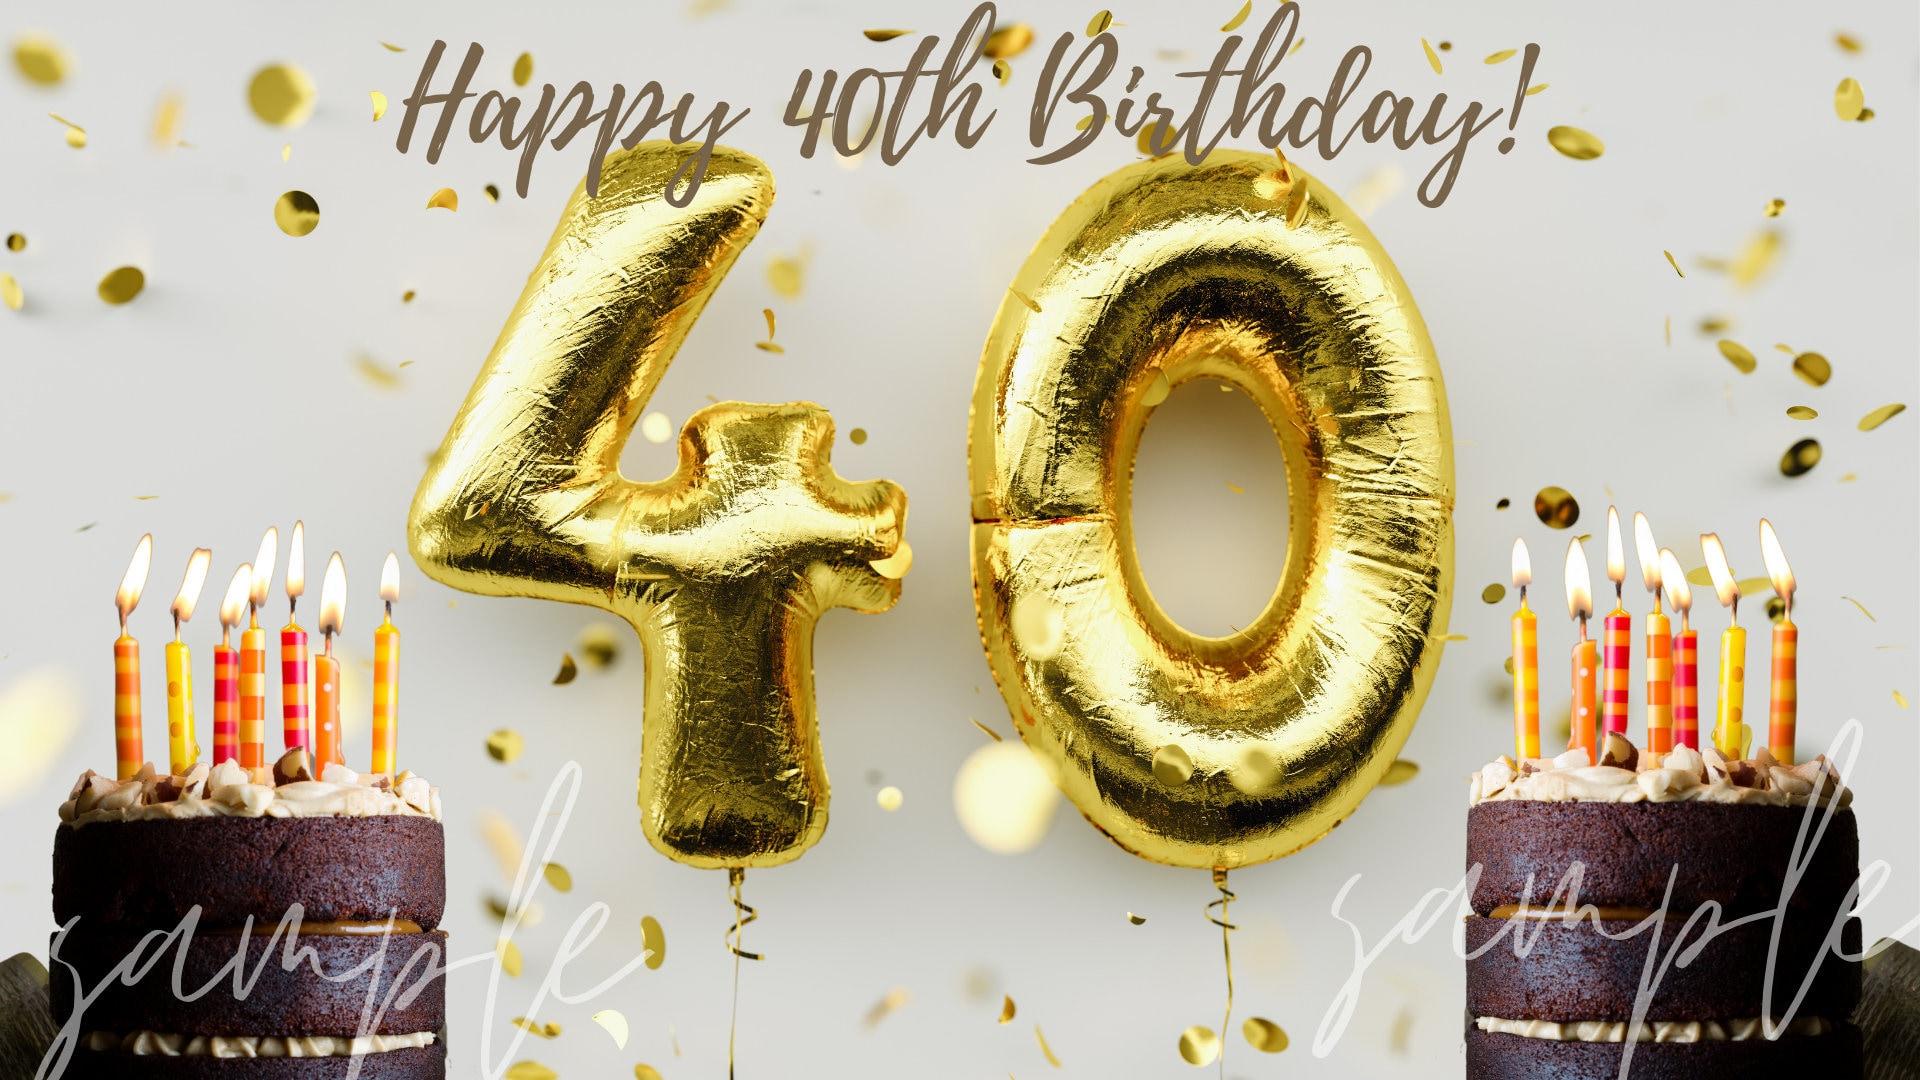 Happy 40th Birthday Zoom Virtual Background Happy Birthday Etsy